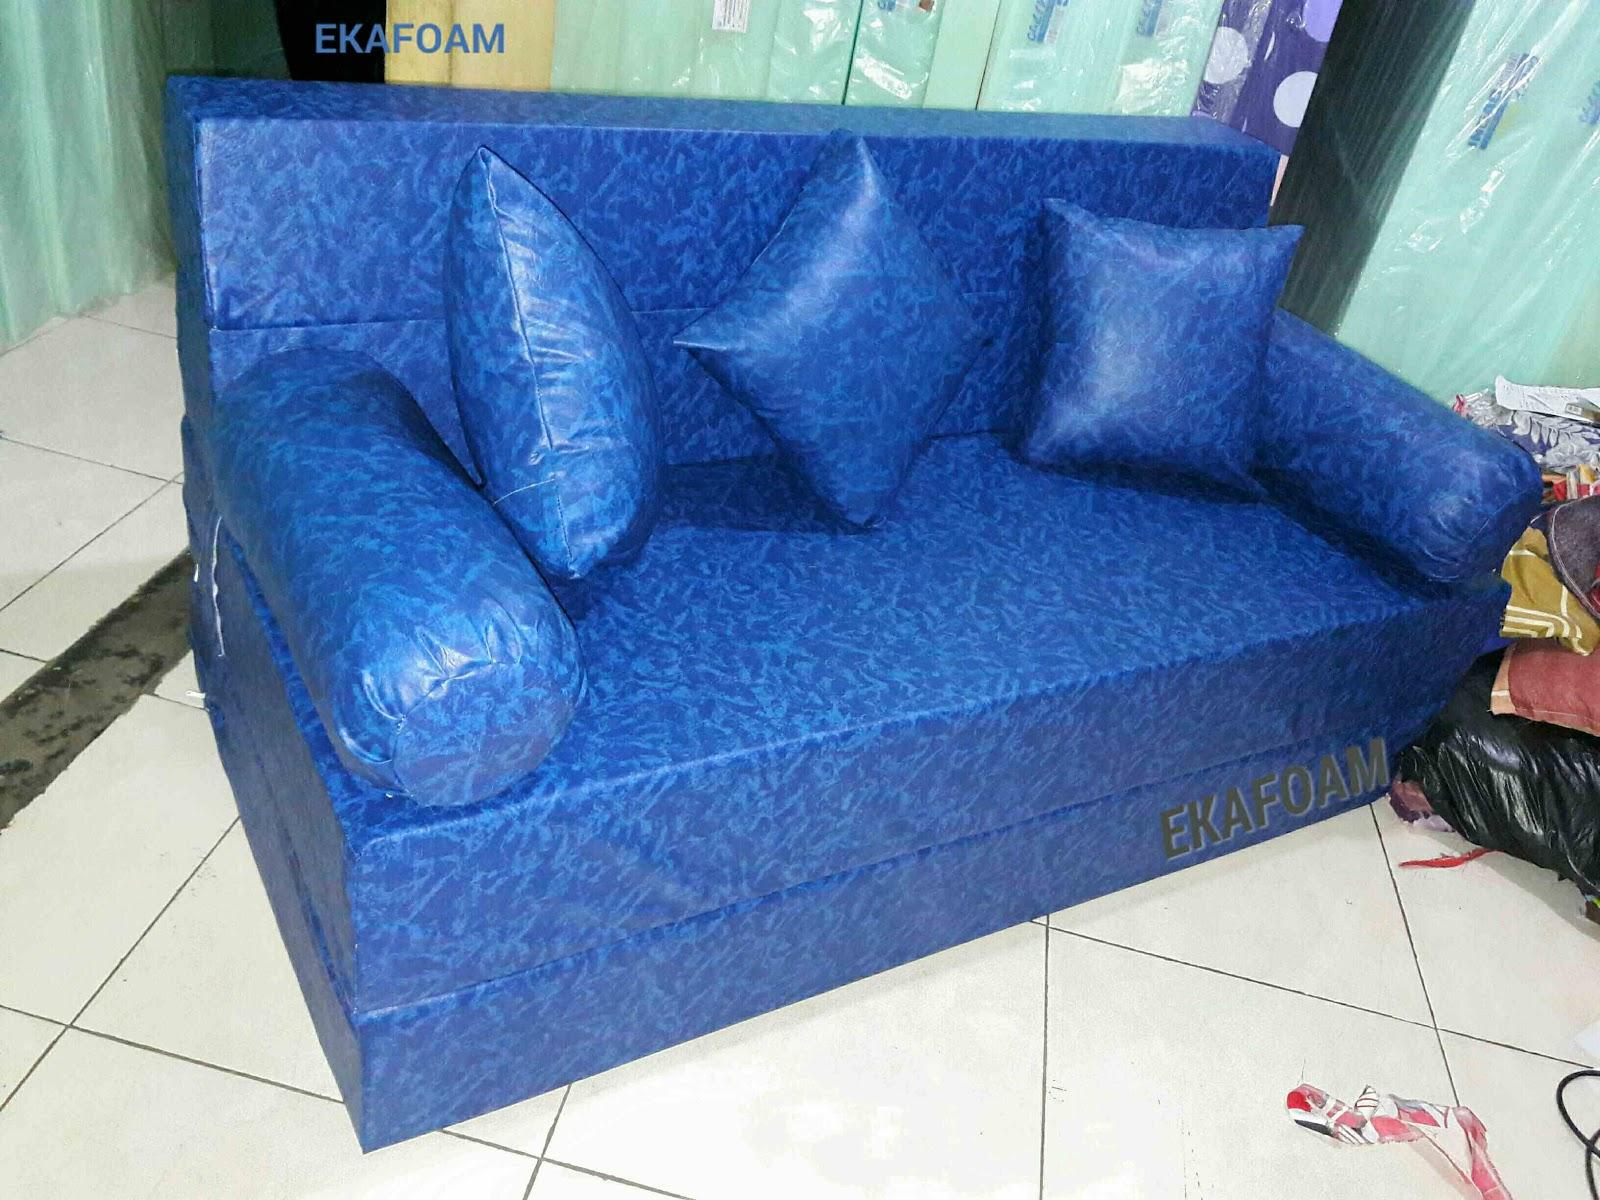 Sofa Inoac Sofa 3 In 1 Interesting Kiki Seater Sofa With Jual Sofa